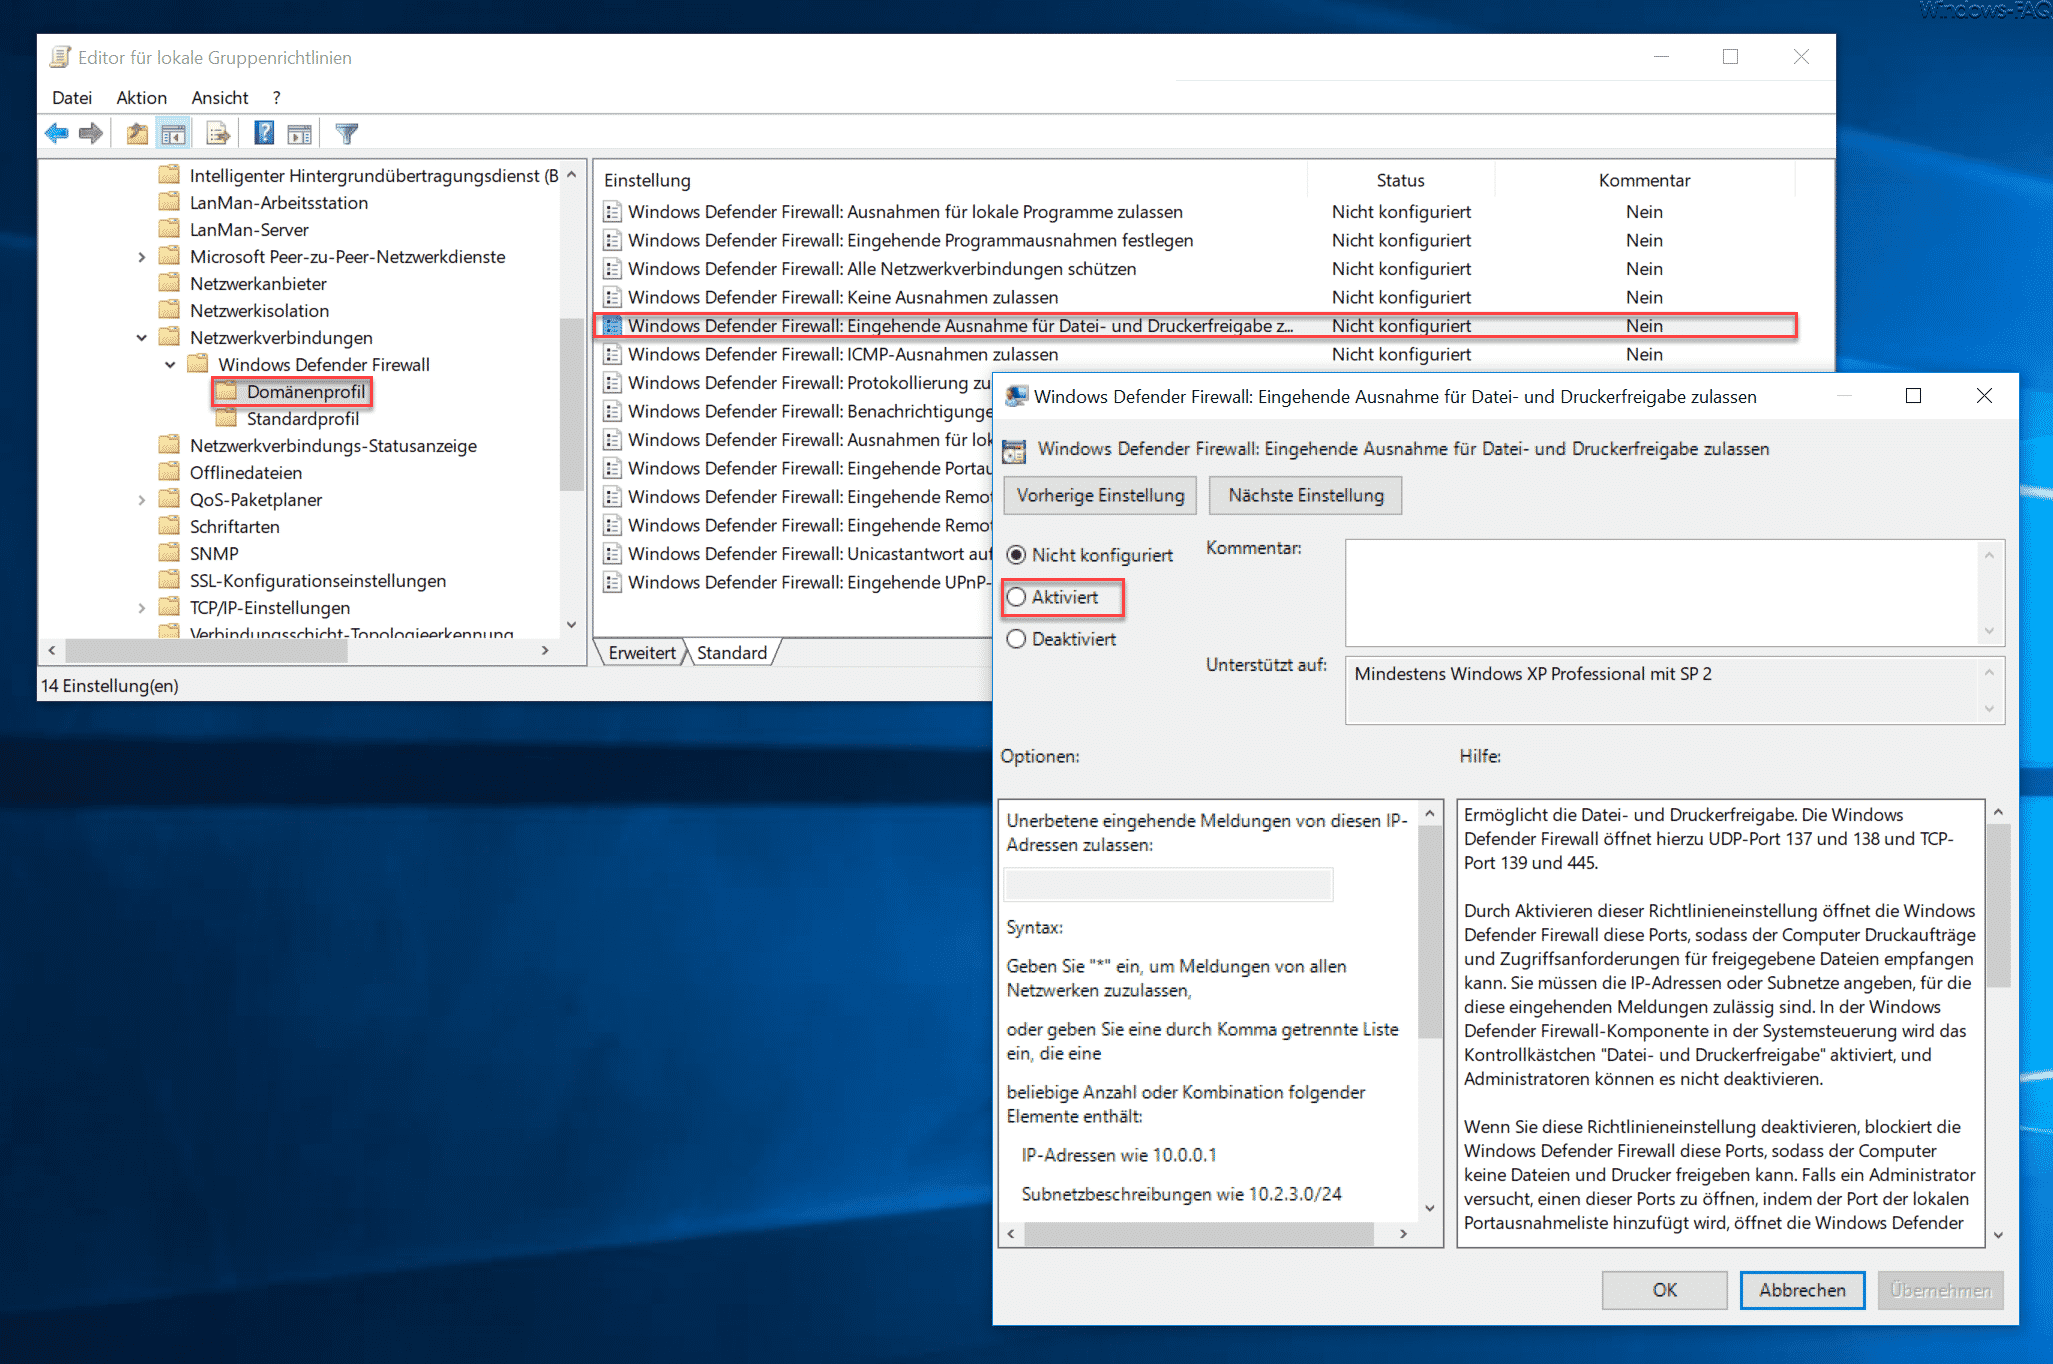 Windows Defender Firewall Eingehende Ausnahme für Datei- und Druckerfreigabe zulassen